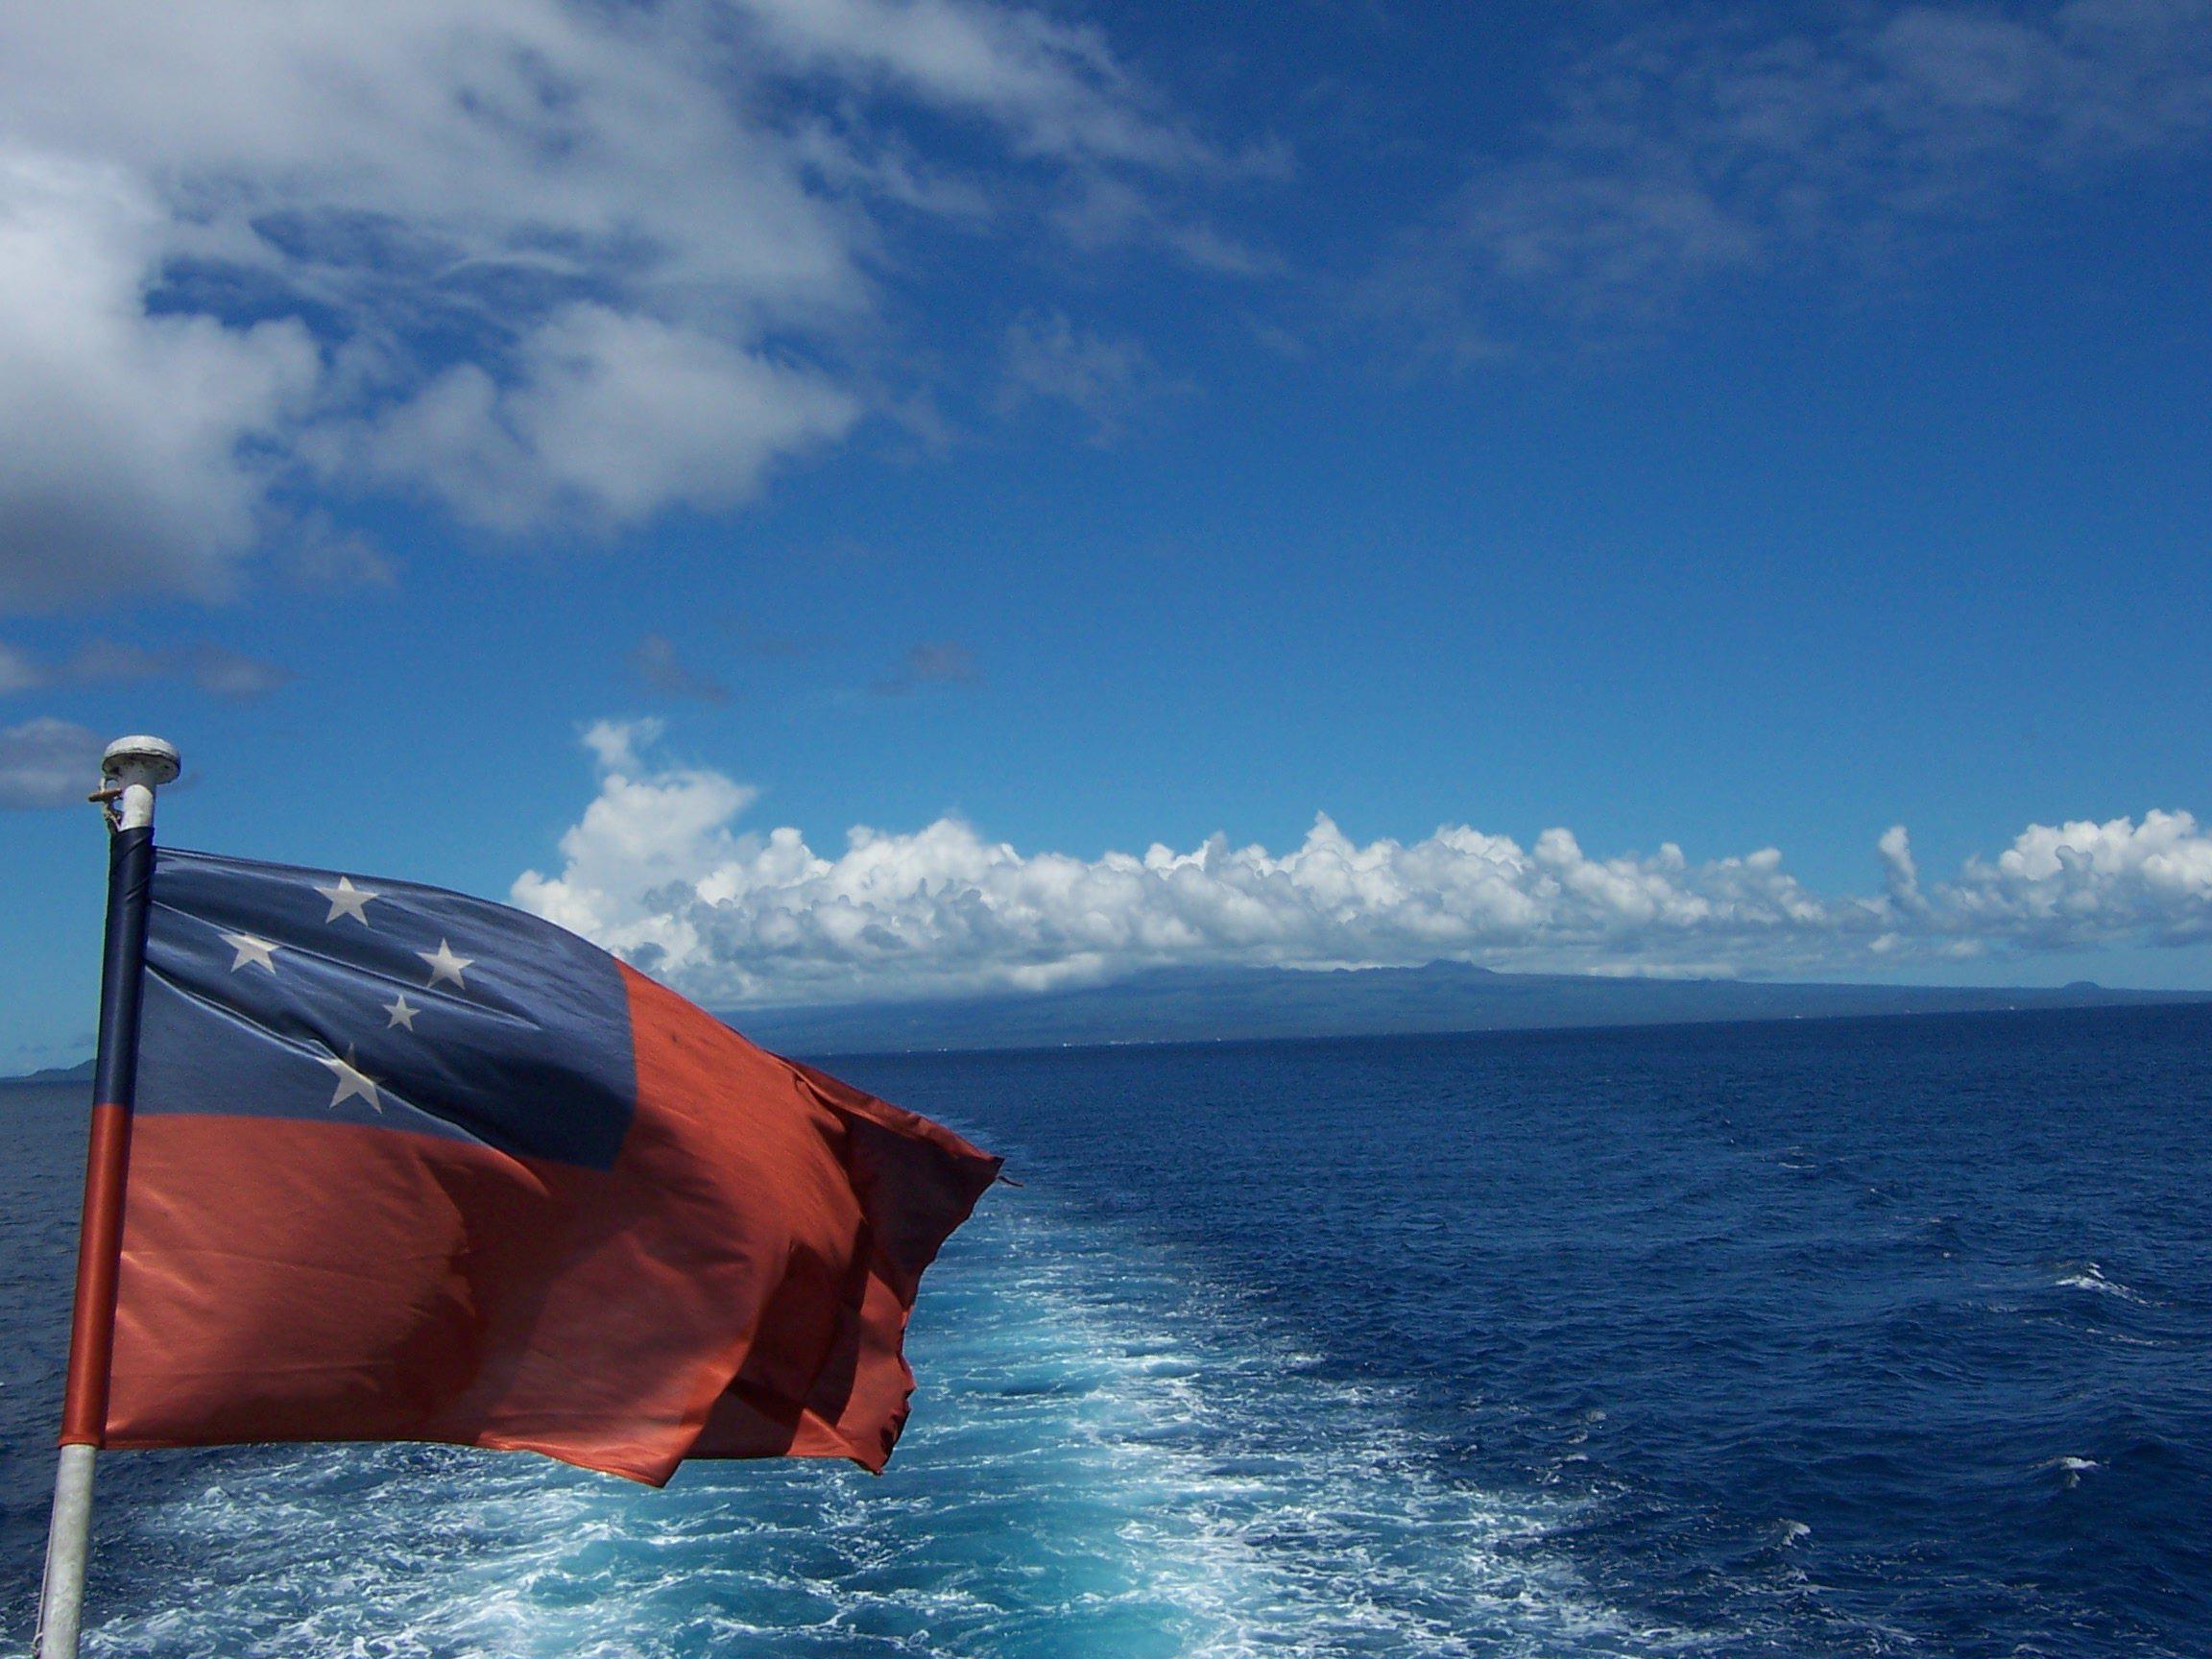 The Samoan flag